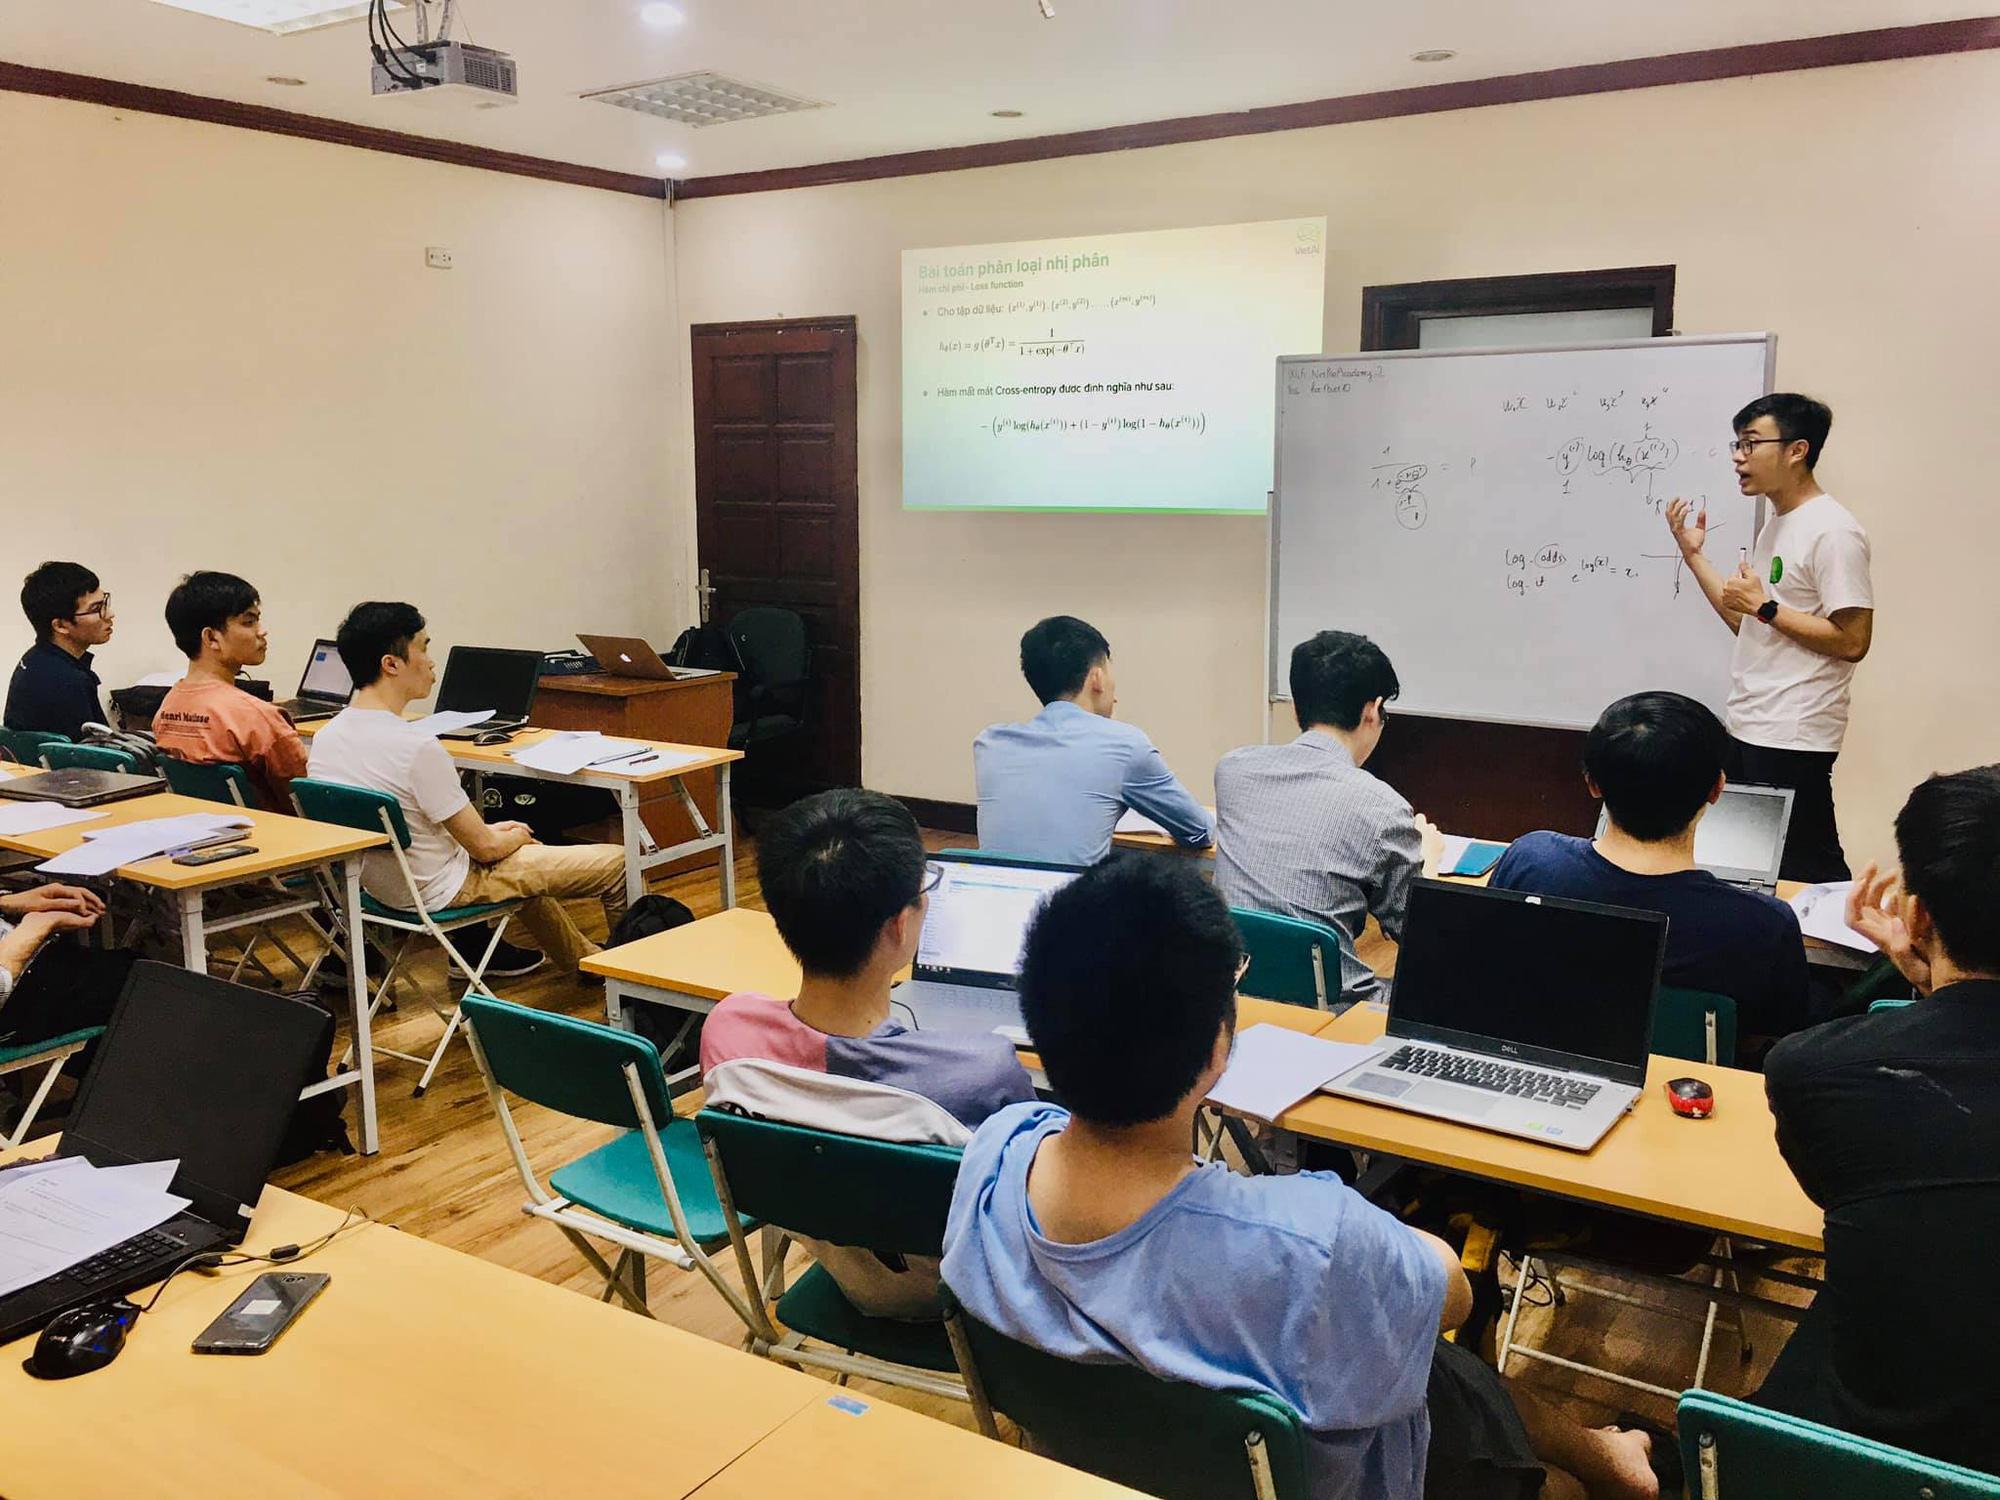 FPT Software hỗ trợ đào tạo nhân lực AI, Machine Learning tại Việt Nam - Ảnh 2.